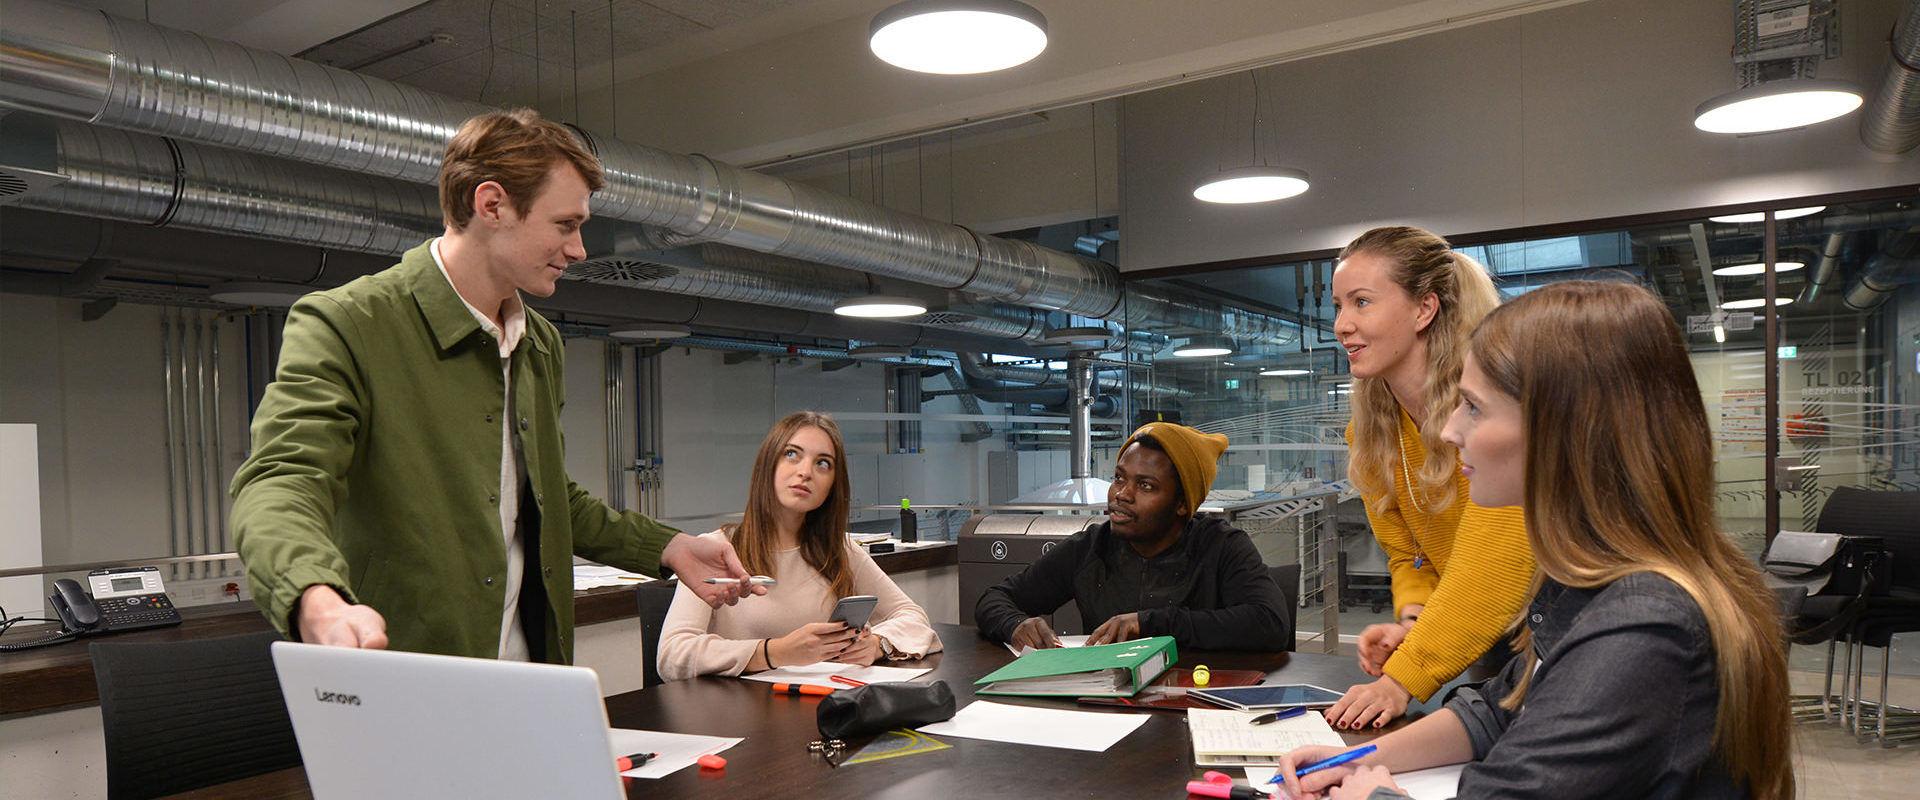 Gruppe Studierende des Masterstudiengangs Textil- und Bekleidungsmanagement bei einer Projektbesprechung